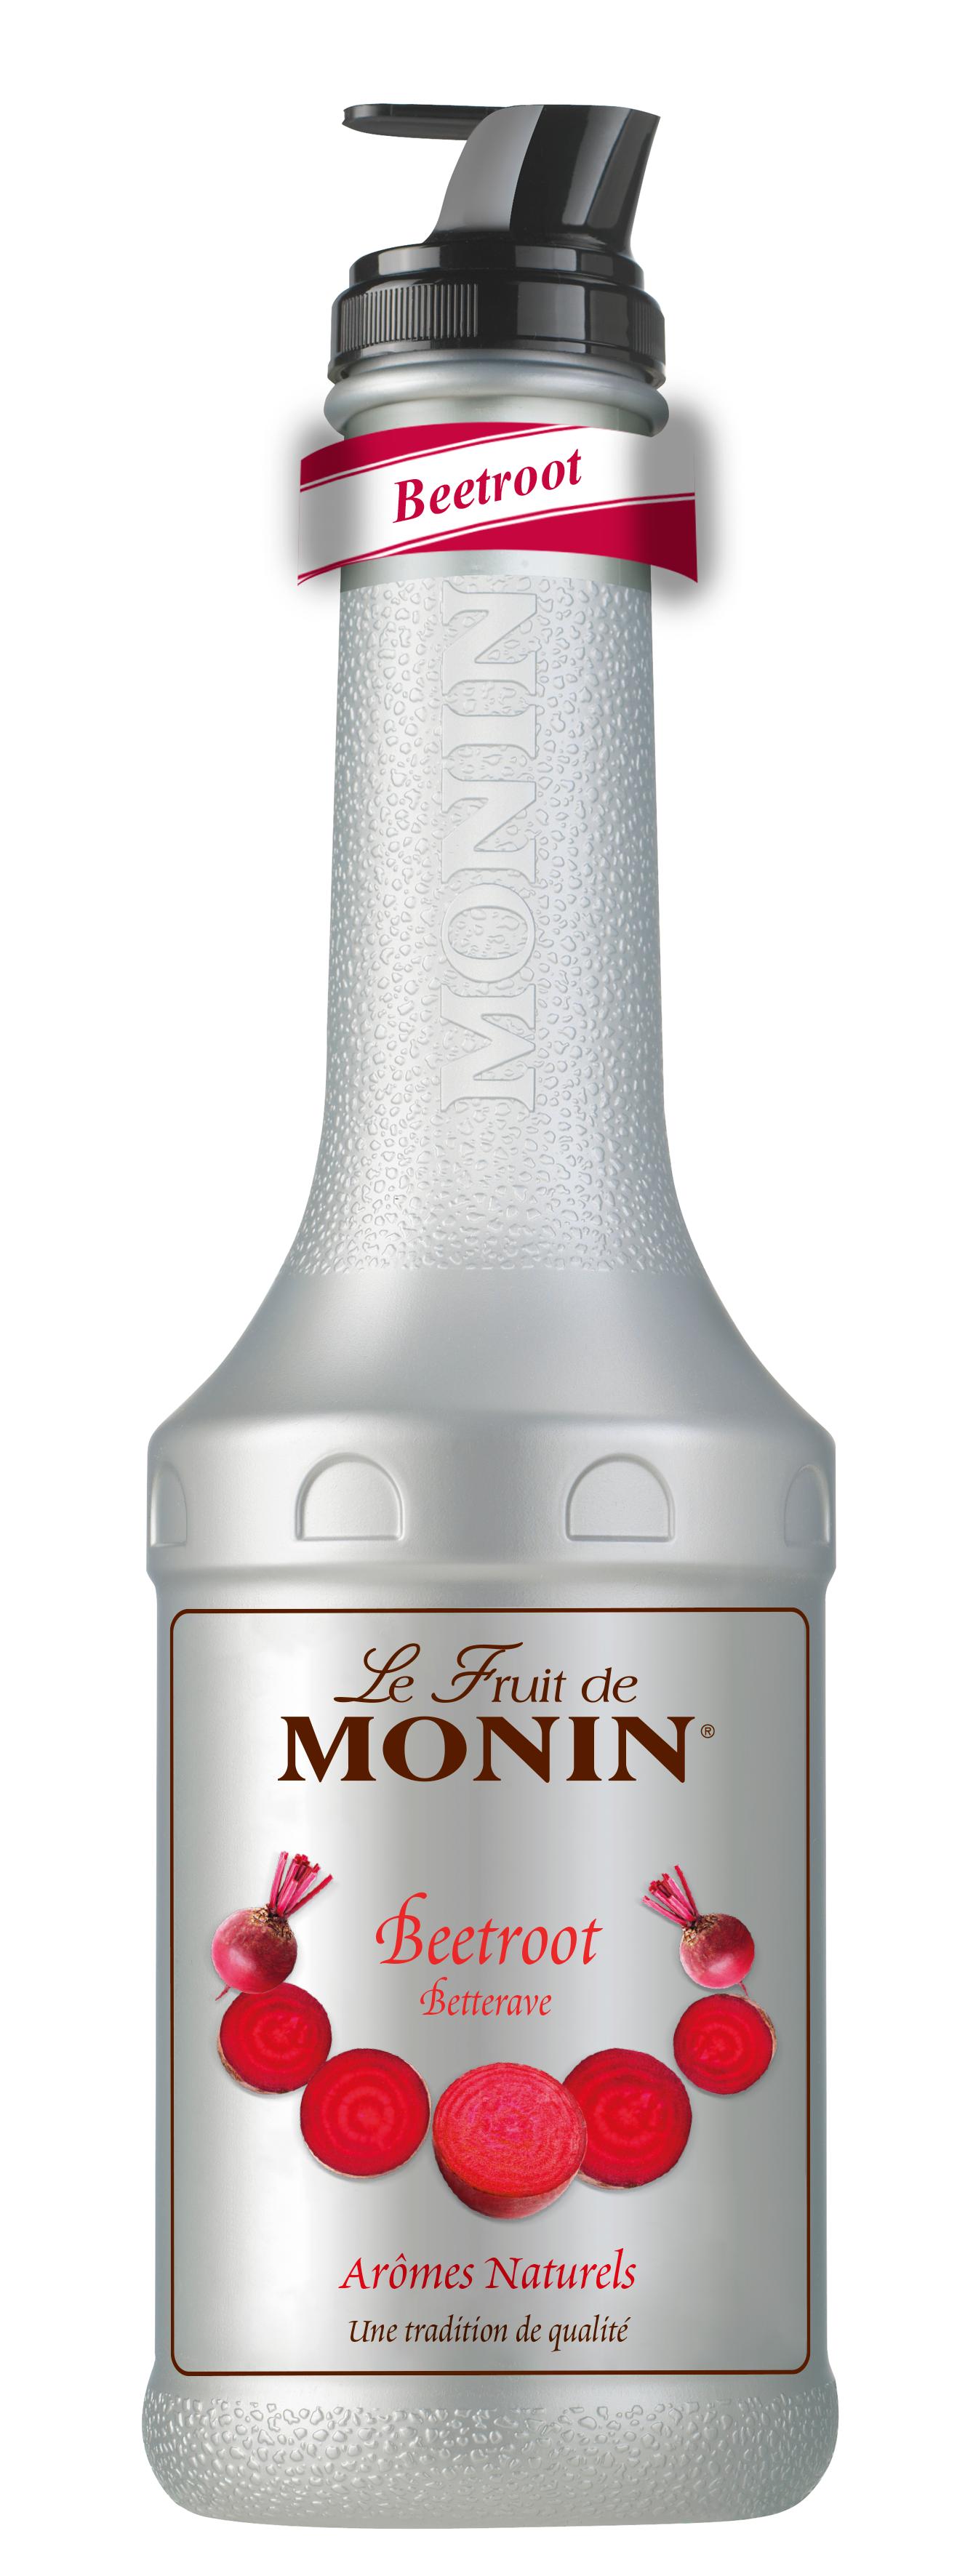 Le Fruit Betterave, Monin (1 L)